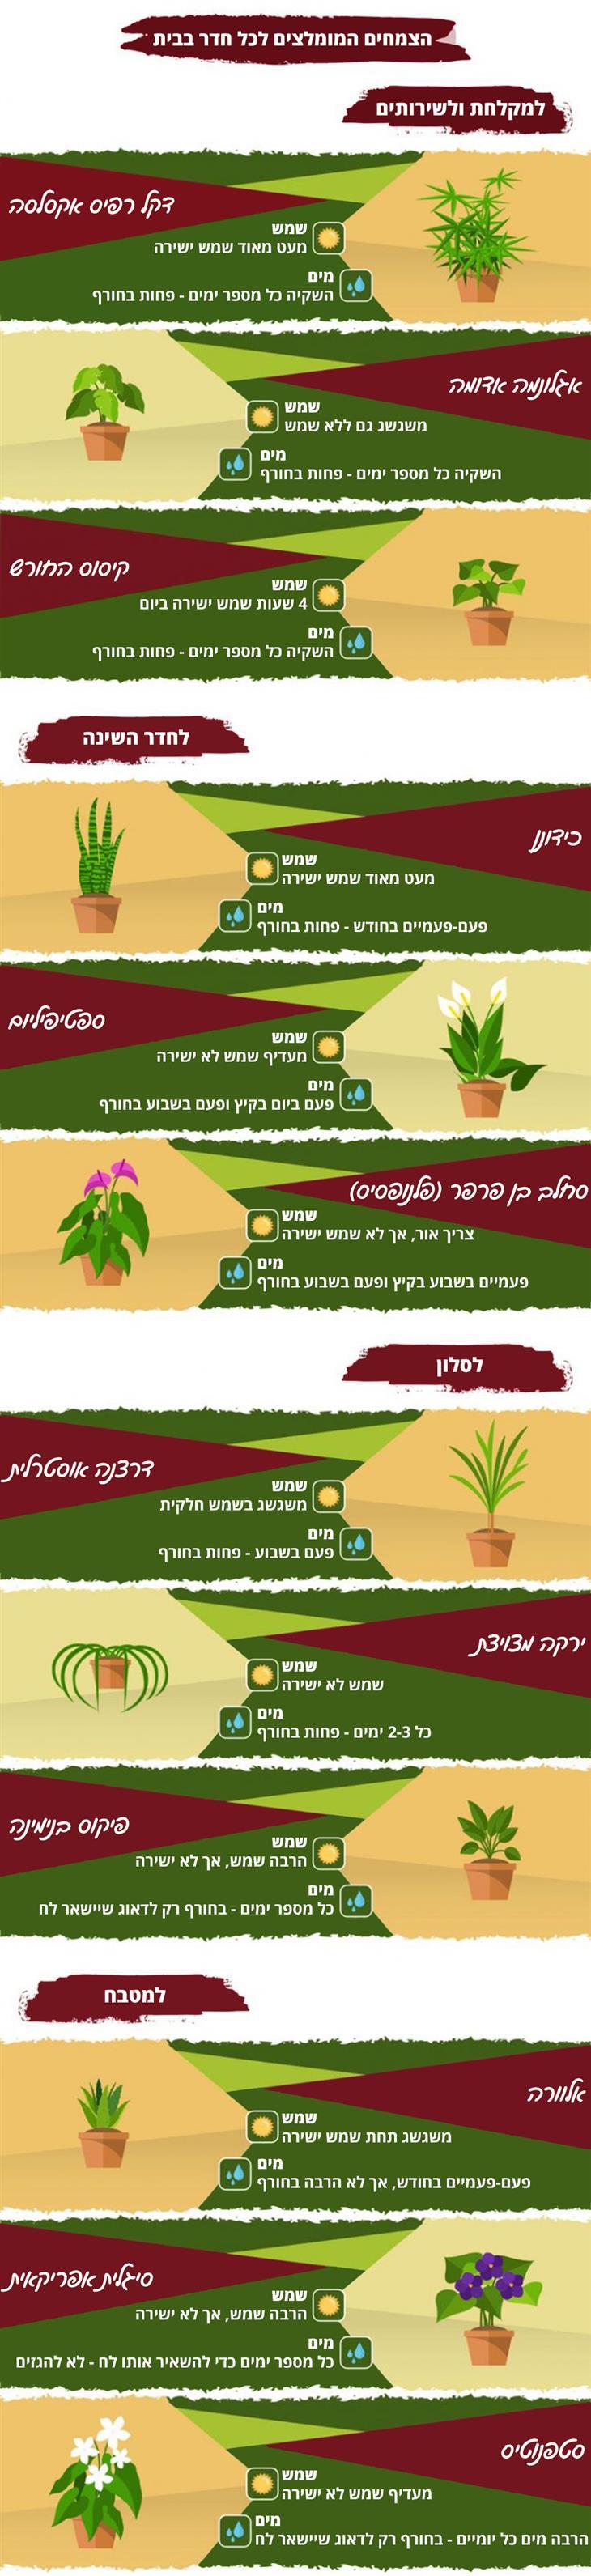 המדריך השלם לגידול צמחים בתוך הבית